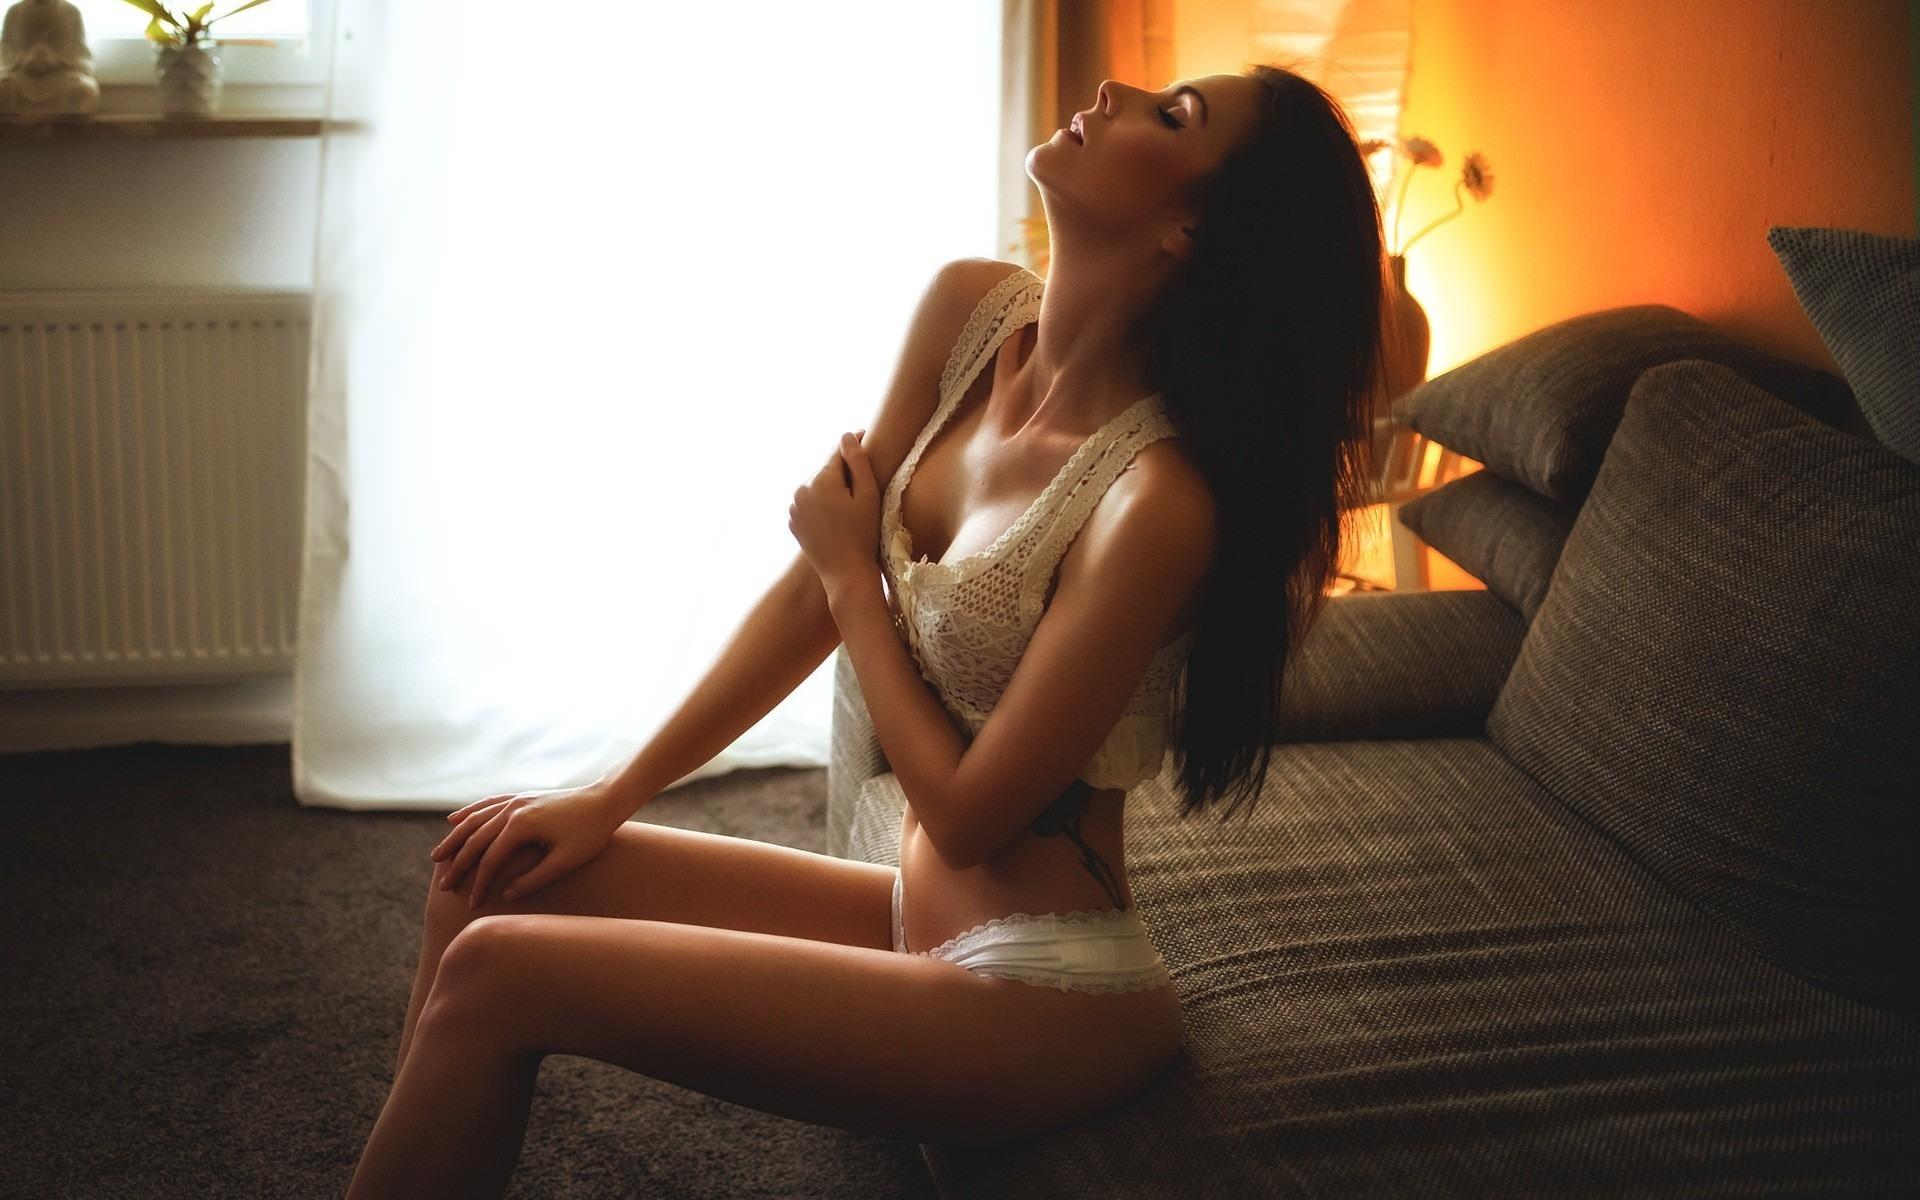 Фото Сексуальная девушка в эротическом белье, томный свет в гостиной, соблазн, скачать картинку бесплатно